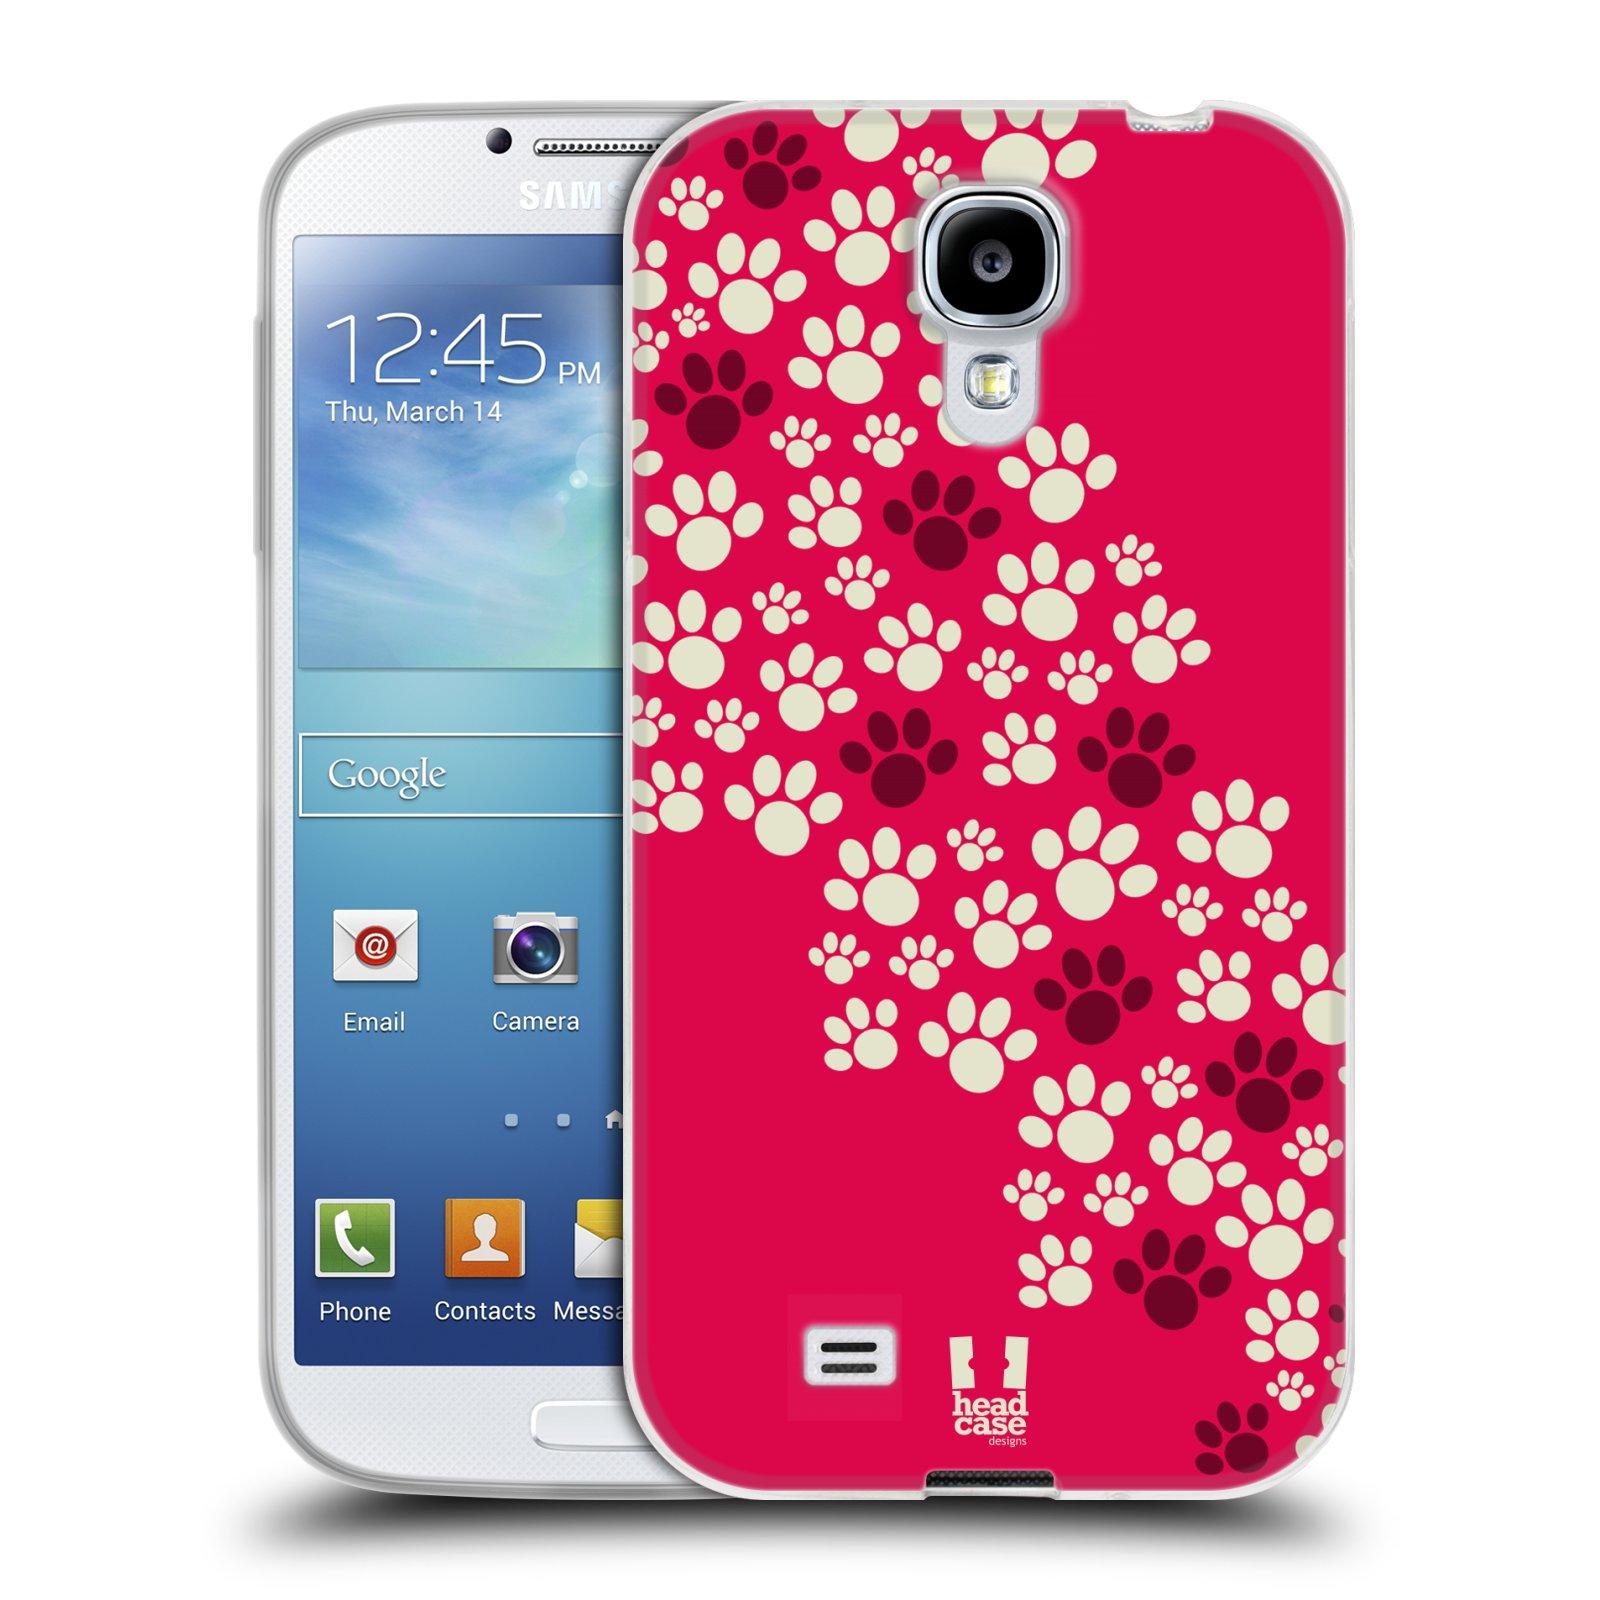 Silikonové pouzdro na mobil Samsung Galaxy S4 HEAD CASE TLAPKY RŮŽOVÉ